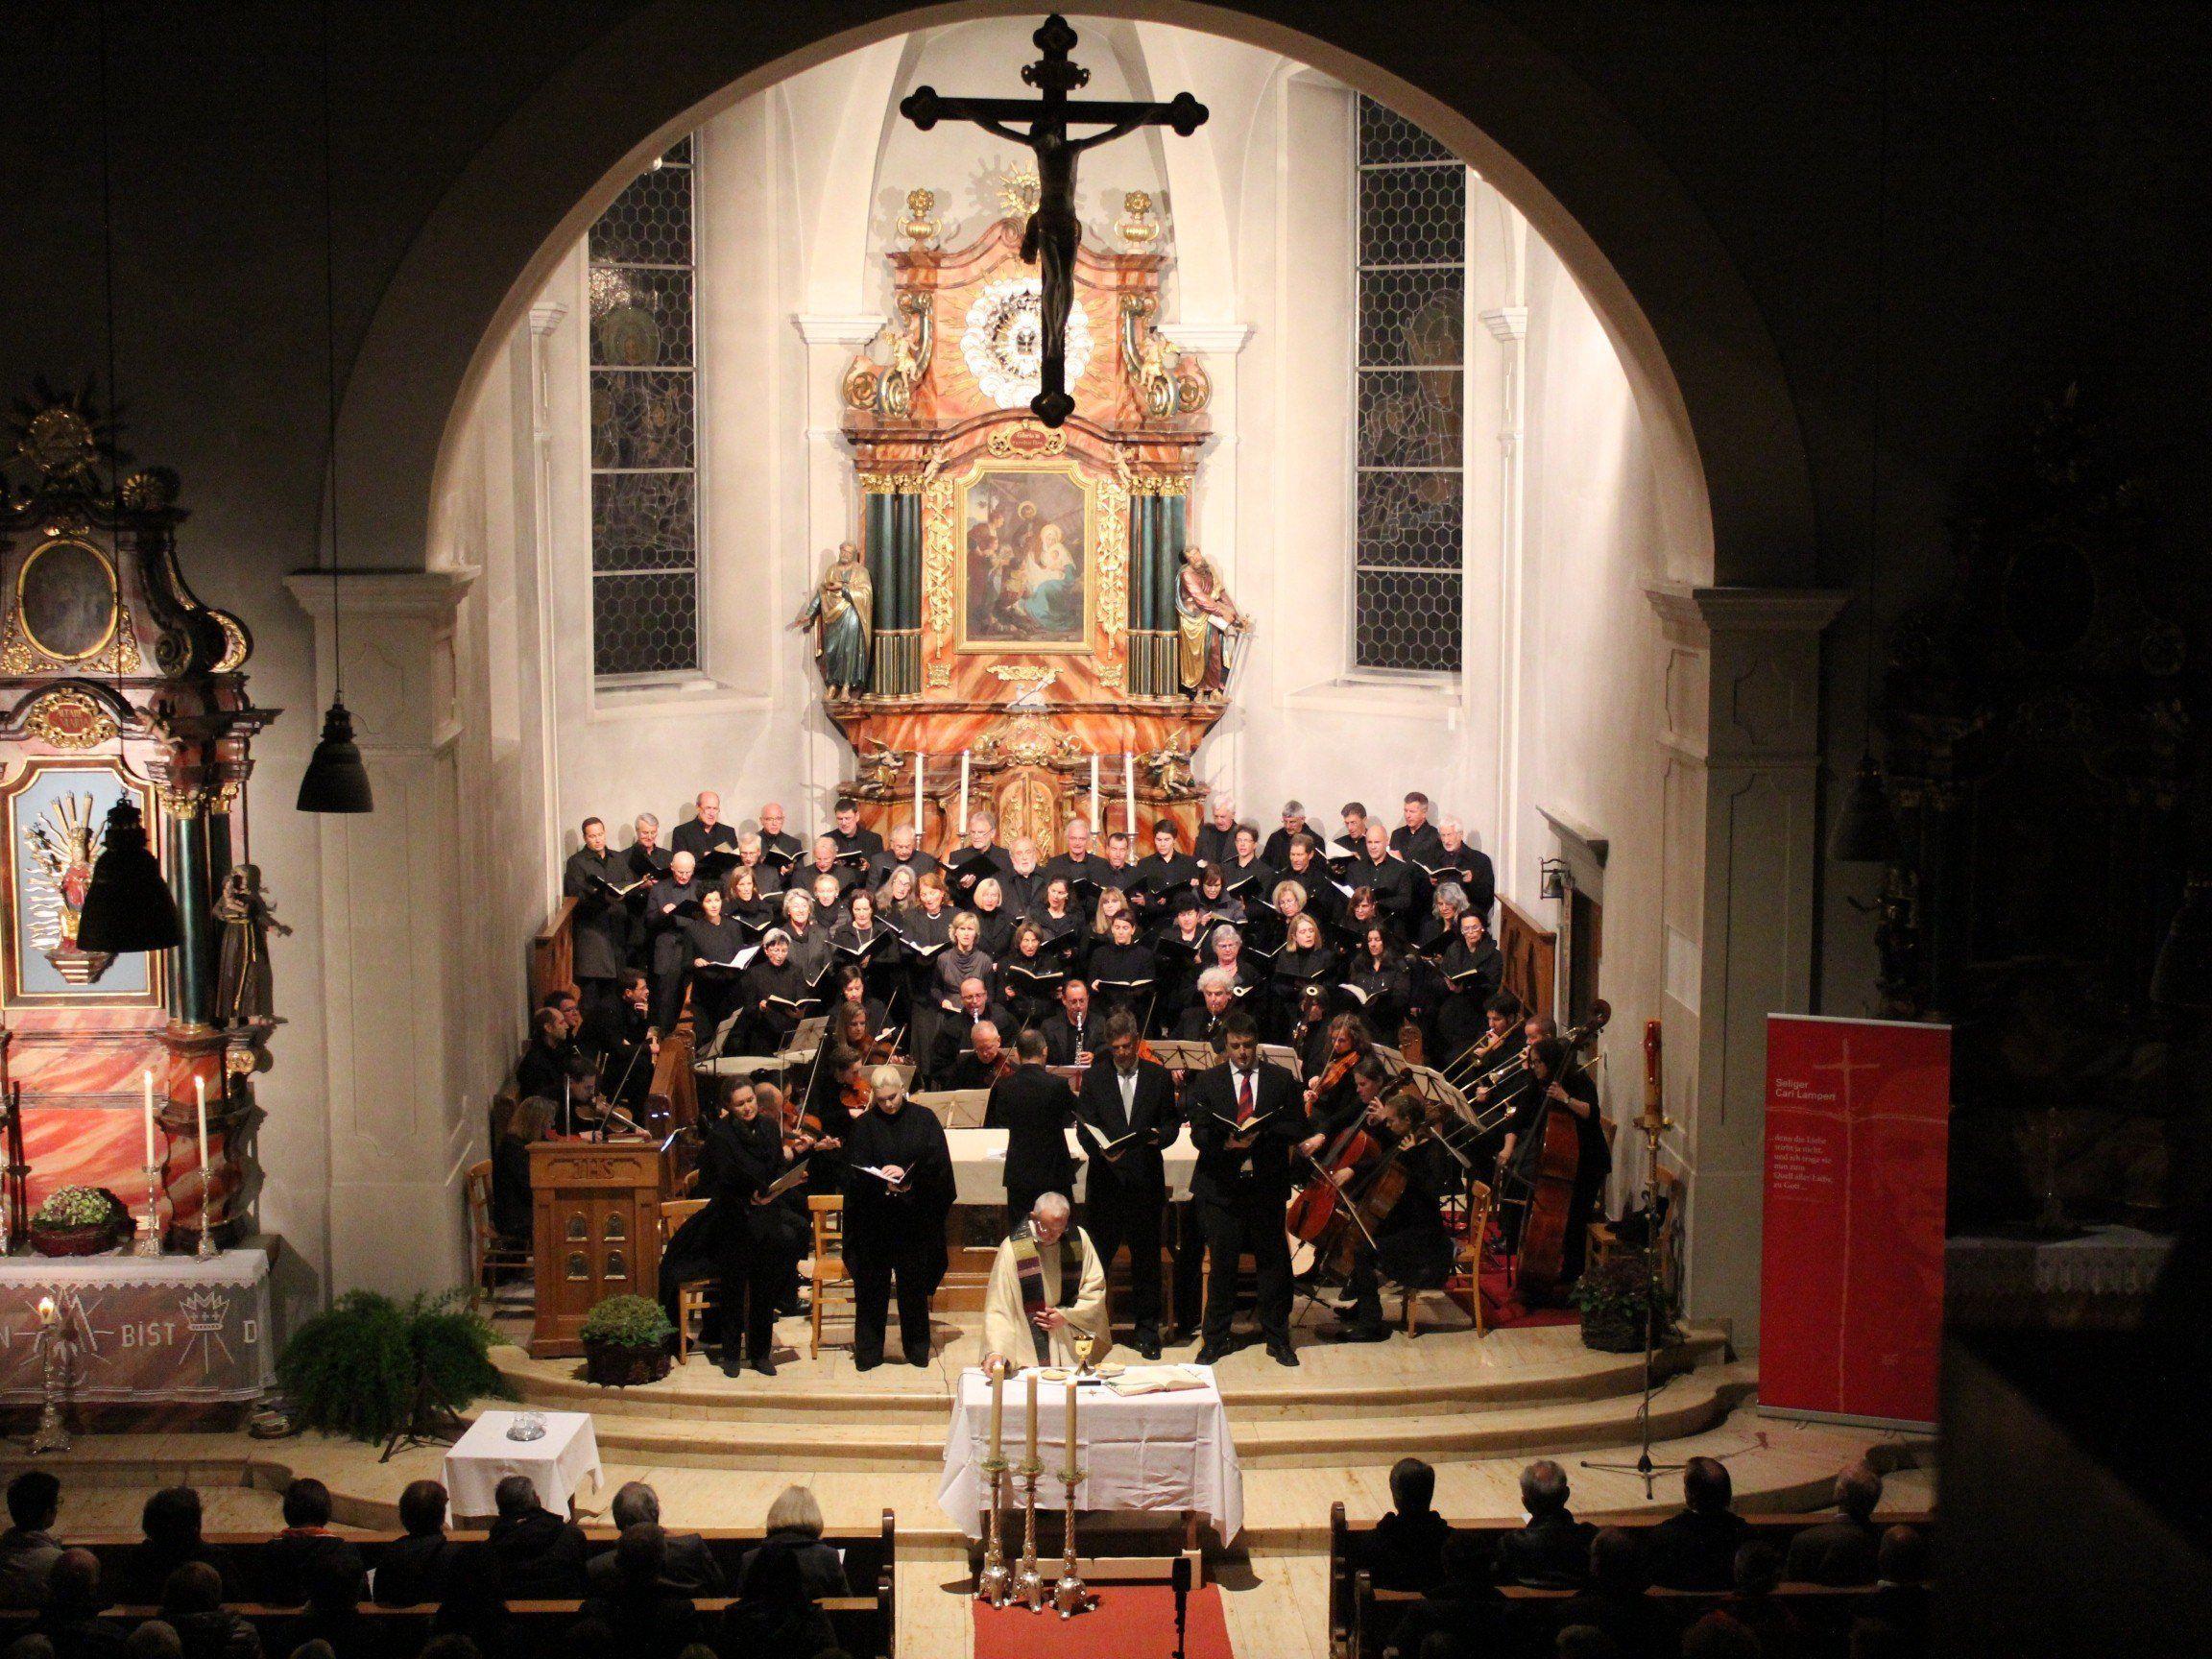 Imposantes Mozart-Requiem in der Wallfahrtskirche.